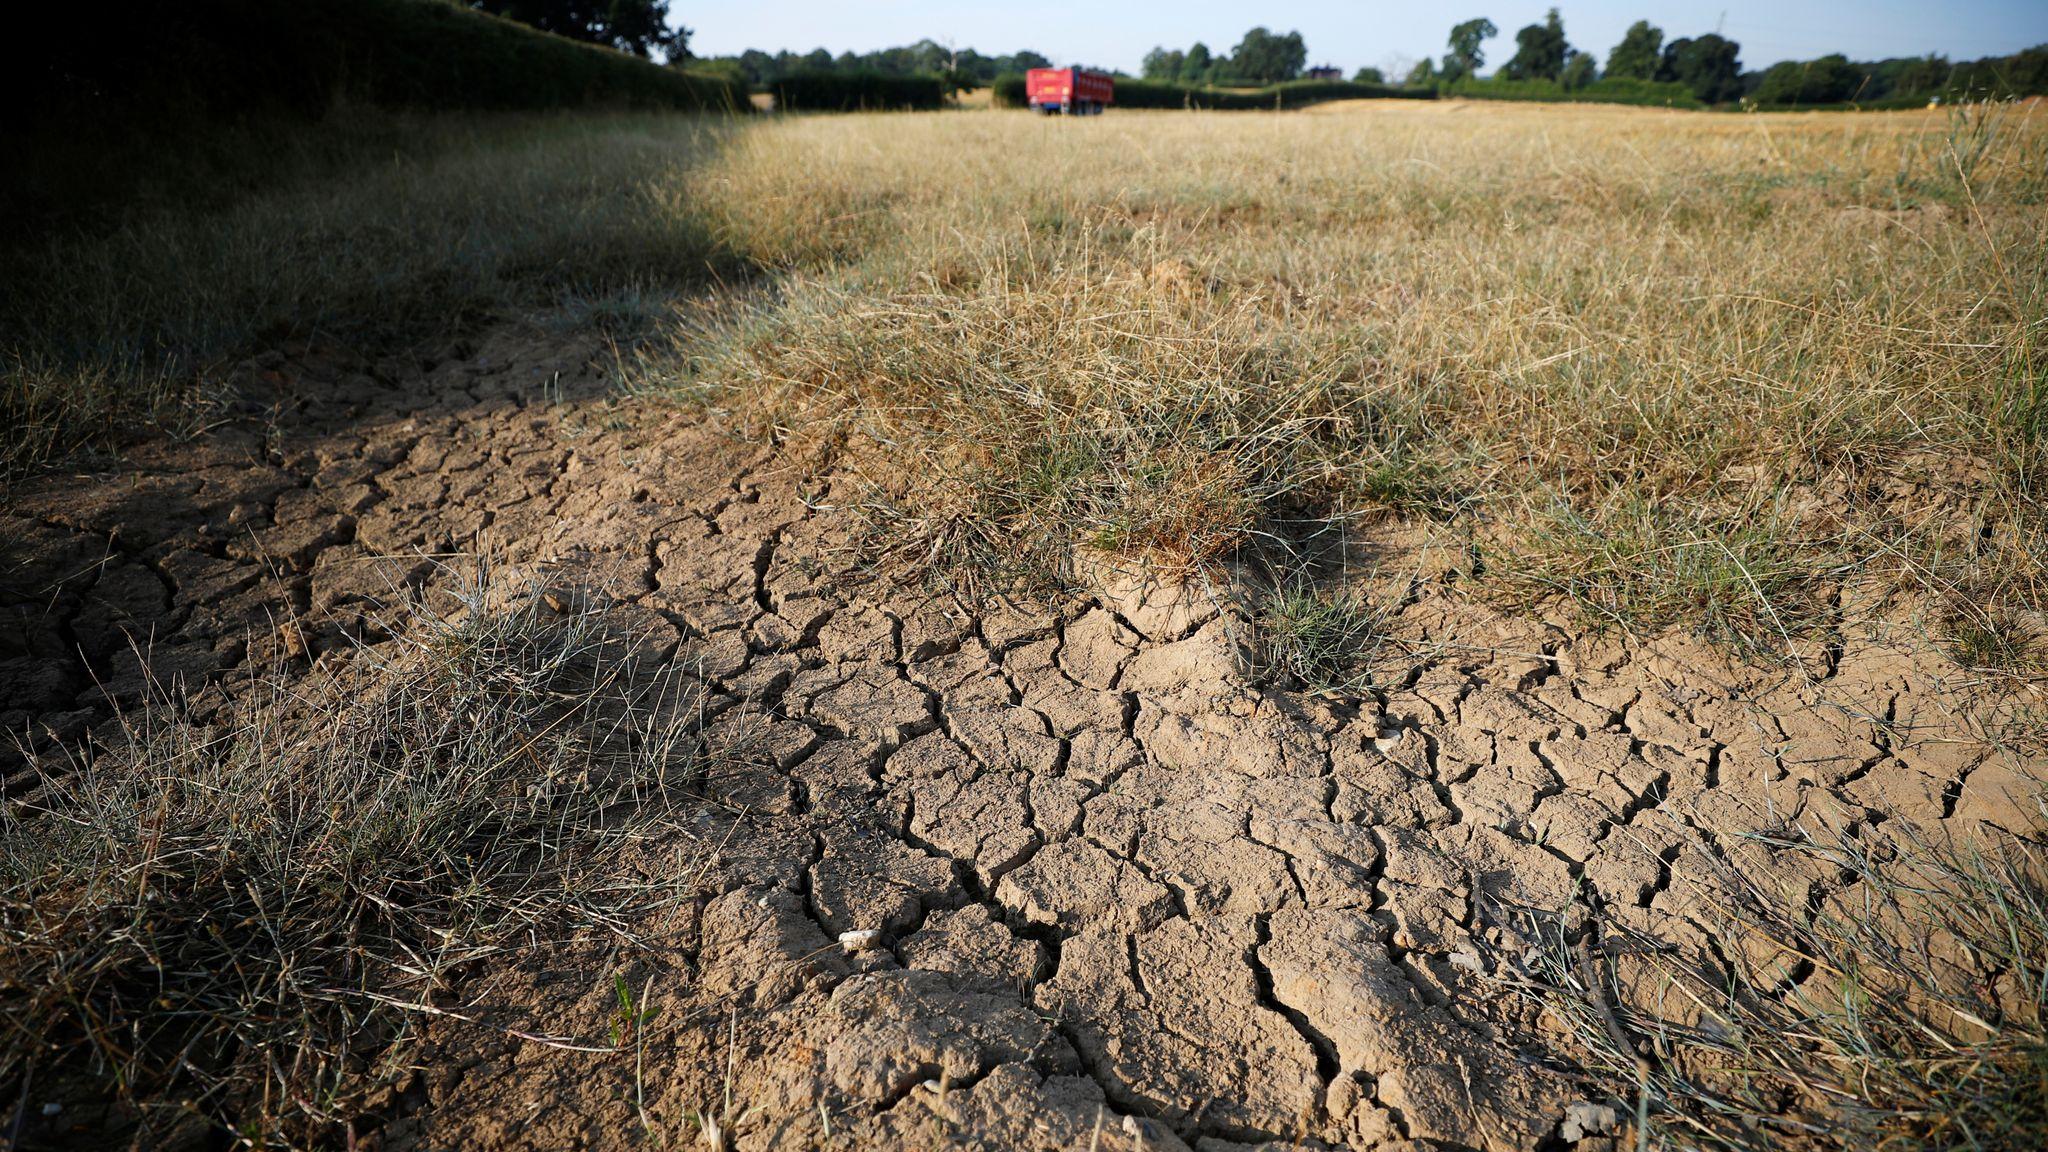 Как дела, АПК? Засуха: кормозаготовка и урожайность под угрозой